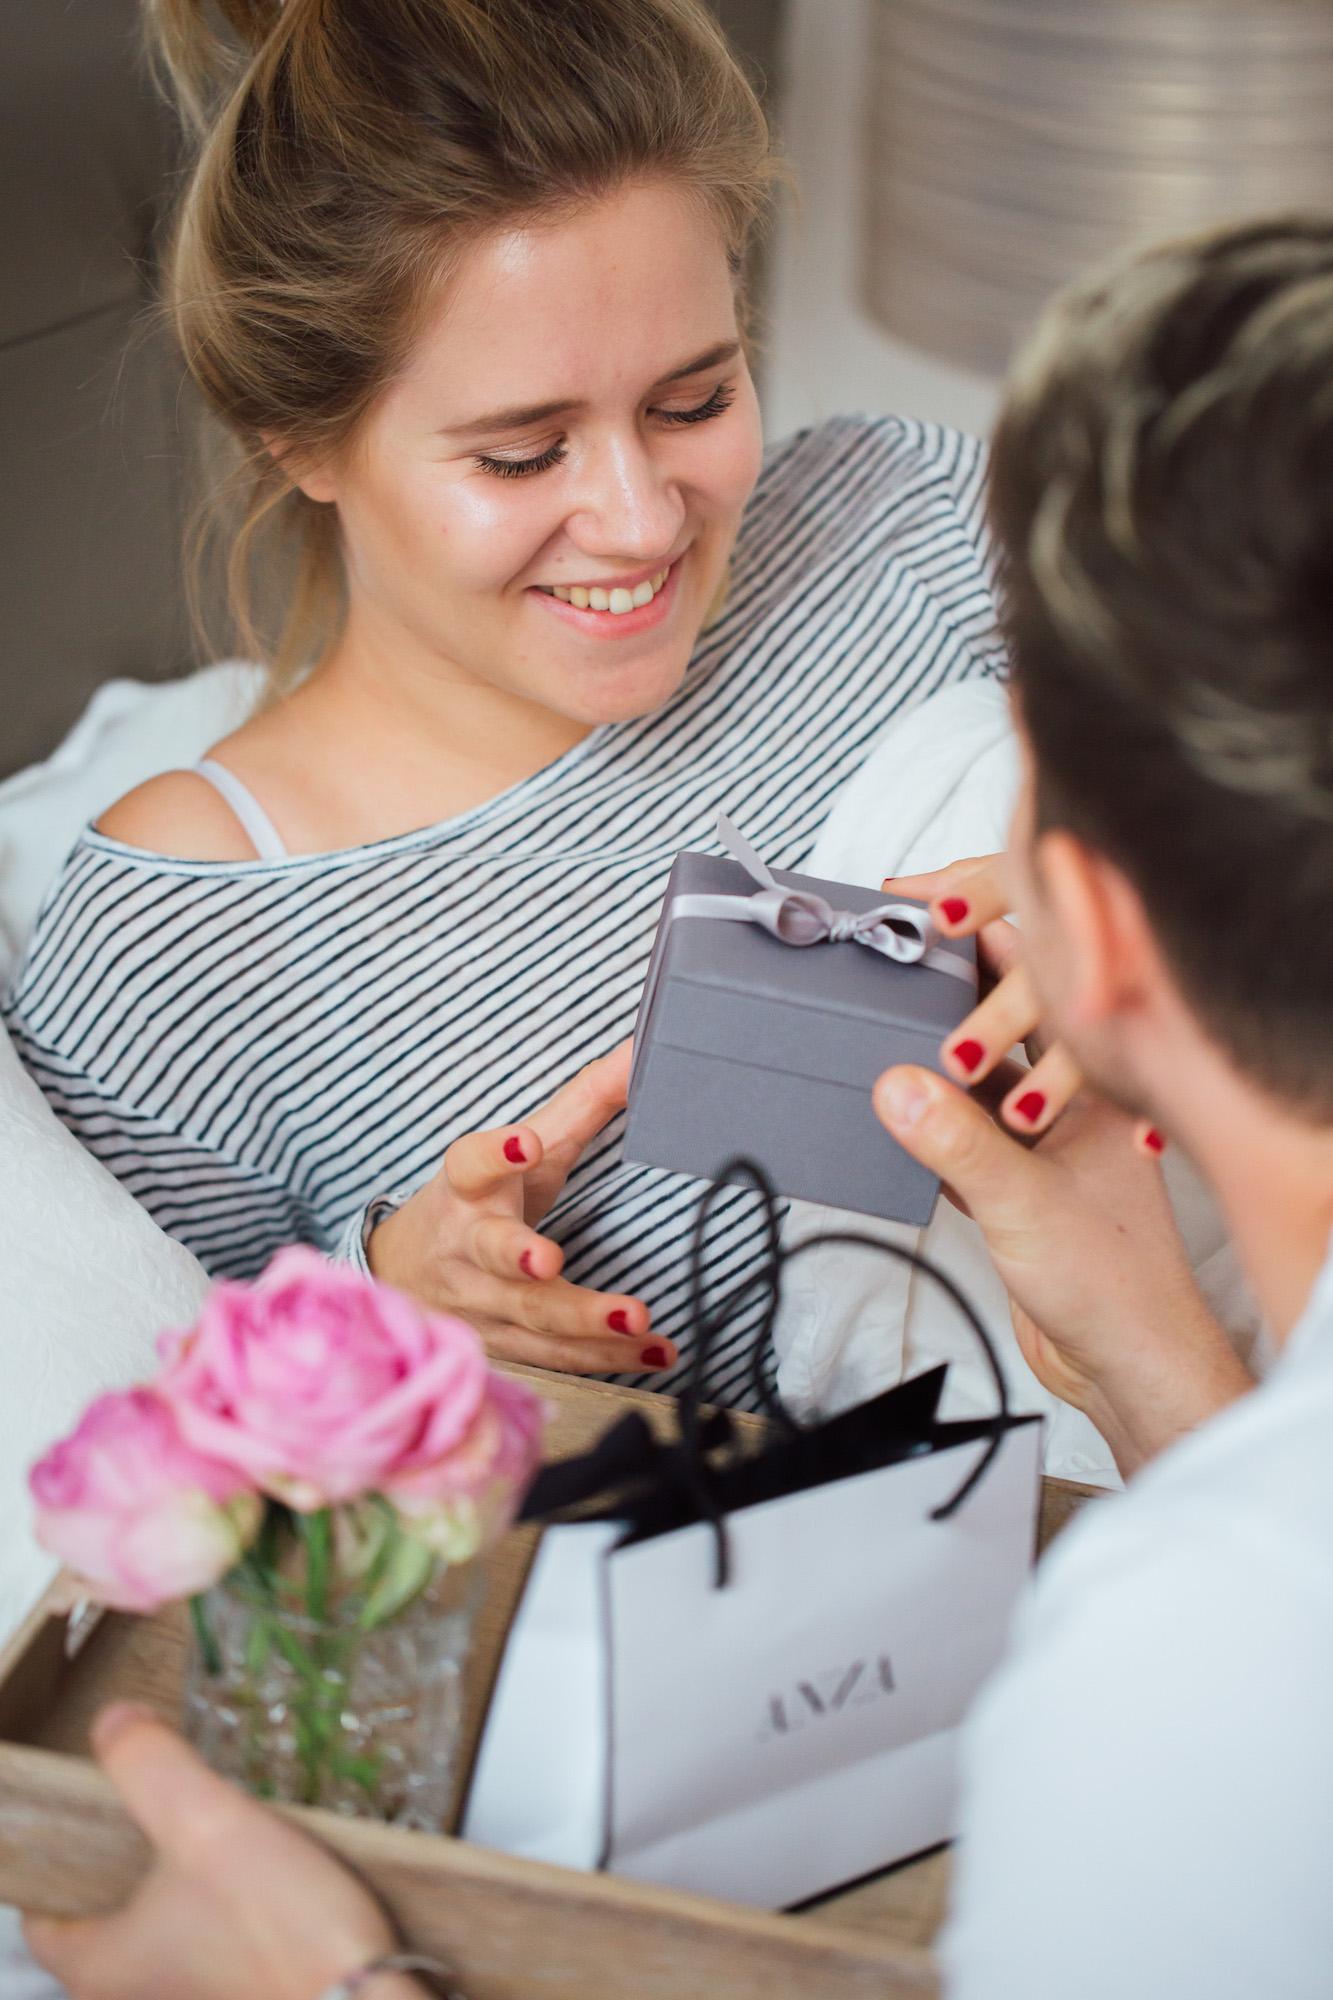 Anna Inspiring Jewellery_Design your Bangle_Weihnachtsgeschenk für die Partnerin_Meanwhile in Awesometown_Männerblogger_Maleblogger_Lifestyleblog_Fashionblog_Menswear Blogger4